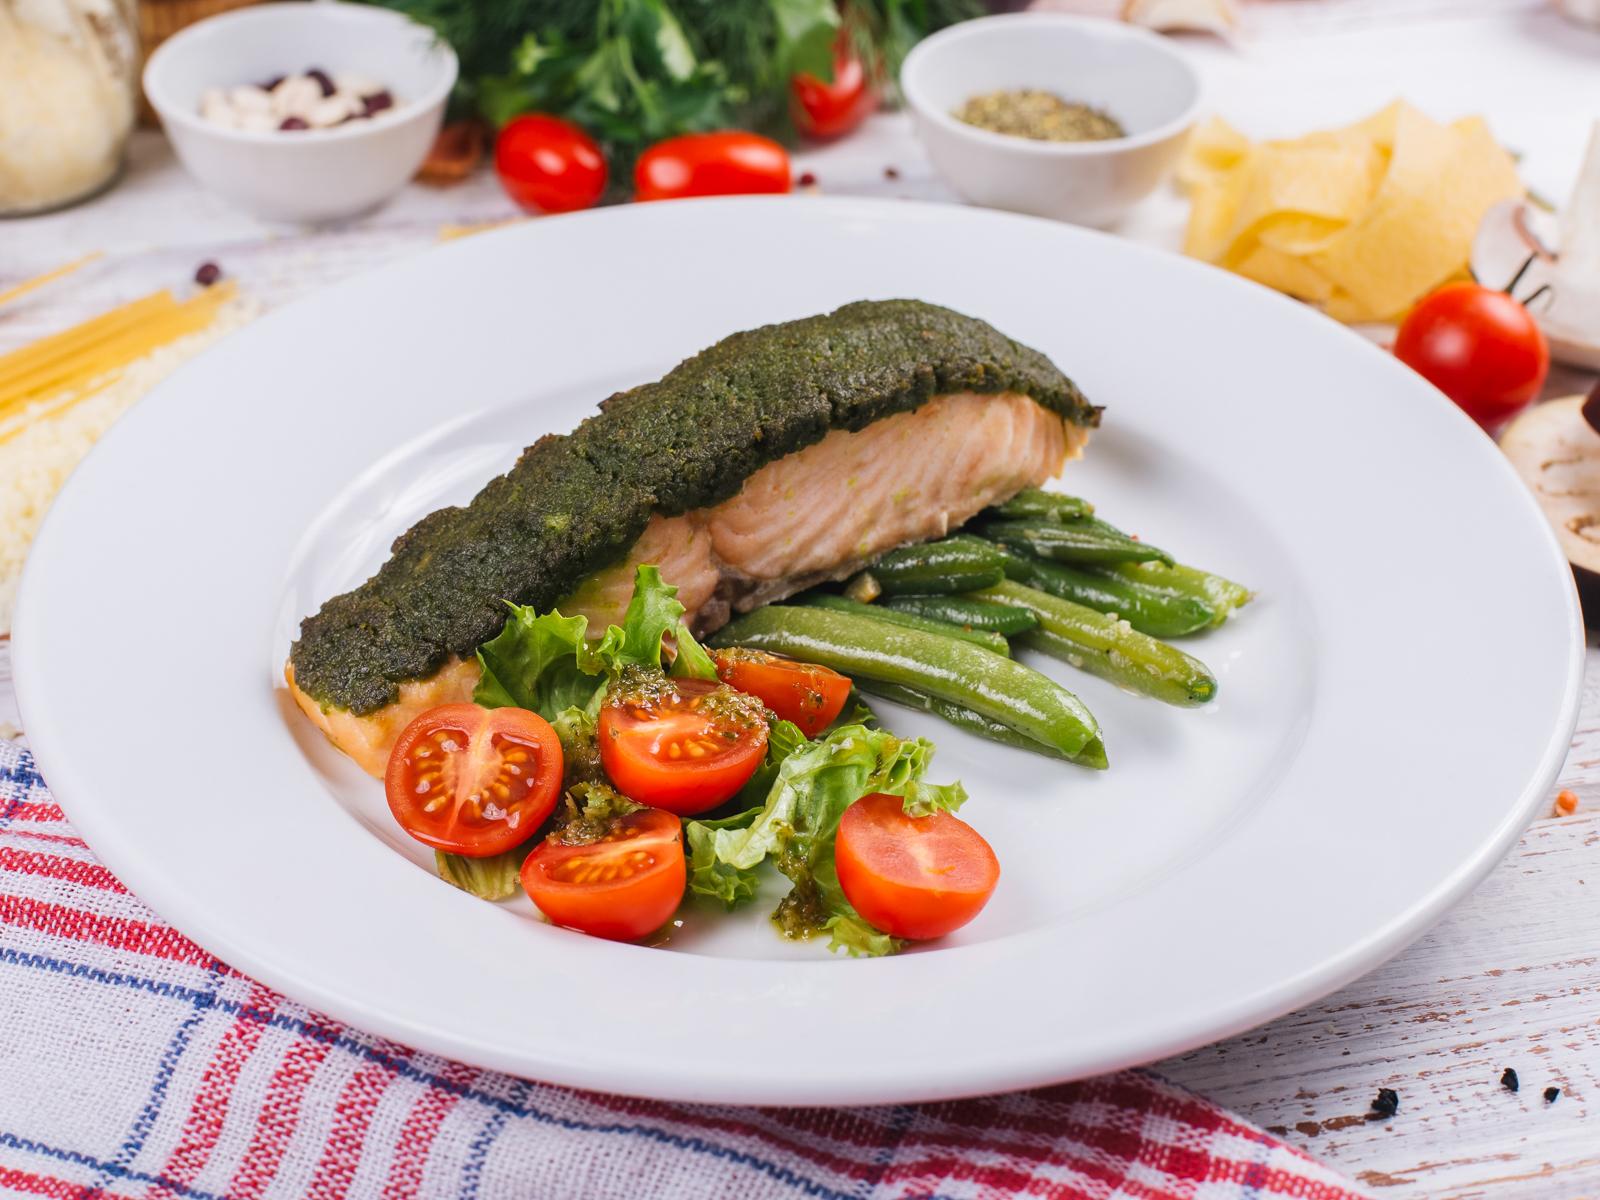 Стейк из лосося в зеленой корочке со стручковой фасолью